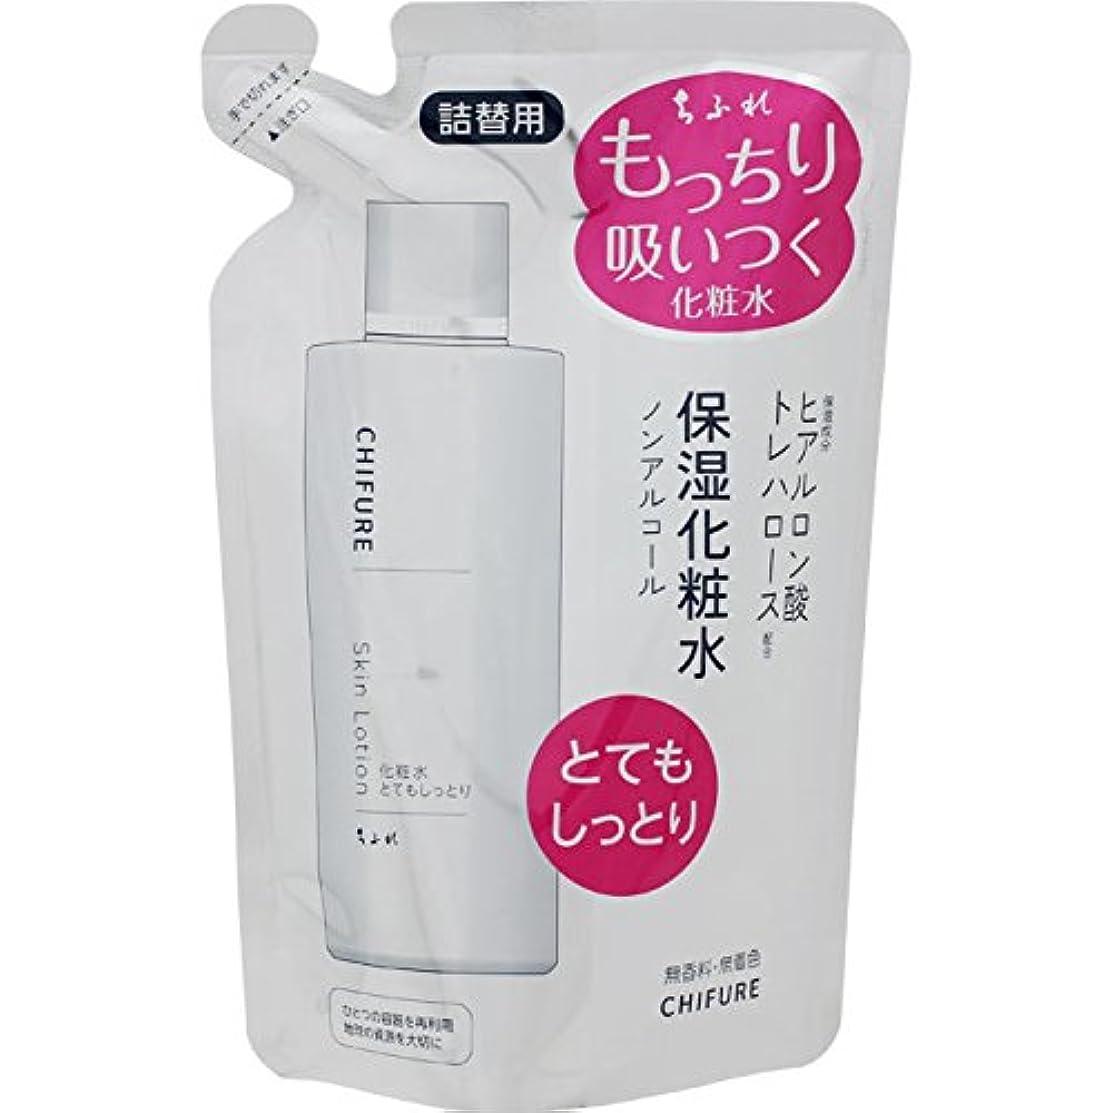 幹湿ったブルーベルちふれ化粧品 化粧水 とてもしっとりタイプ 詰替用 150ML